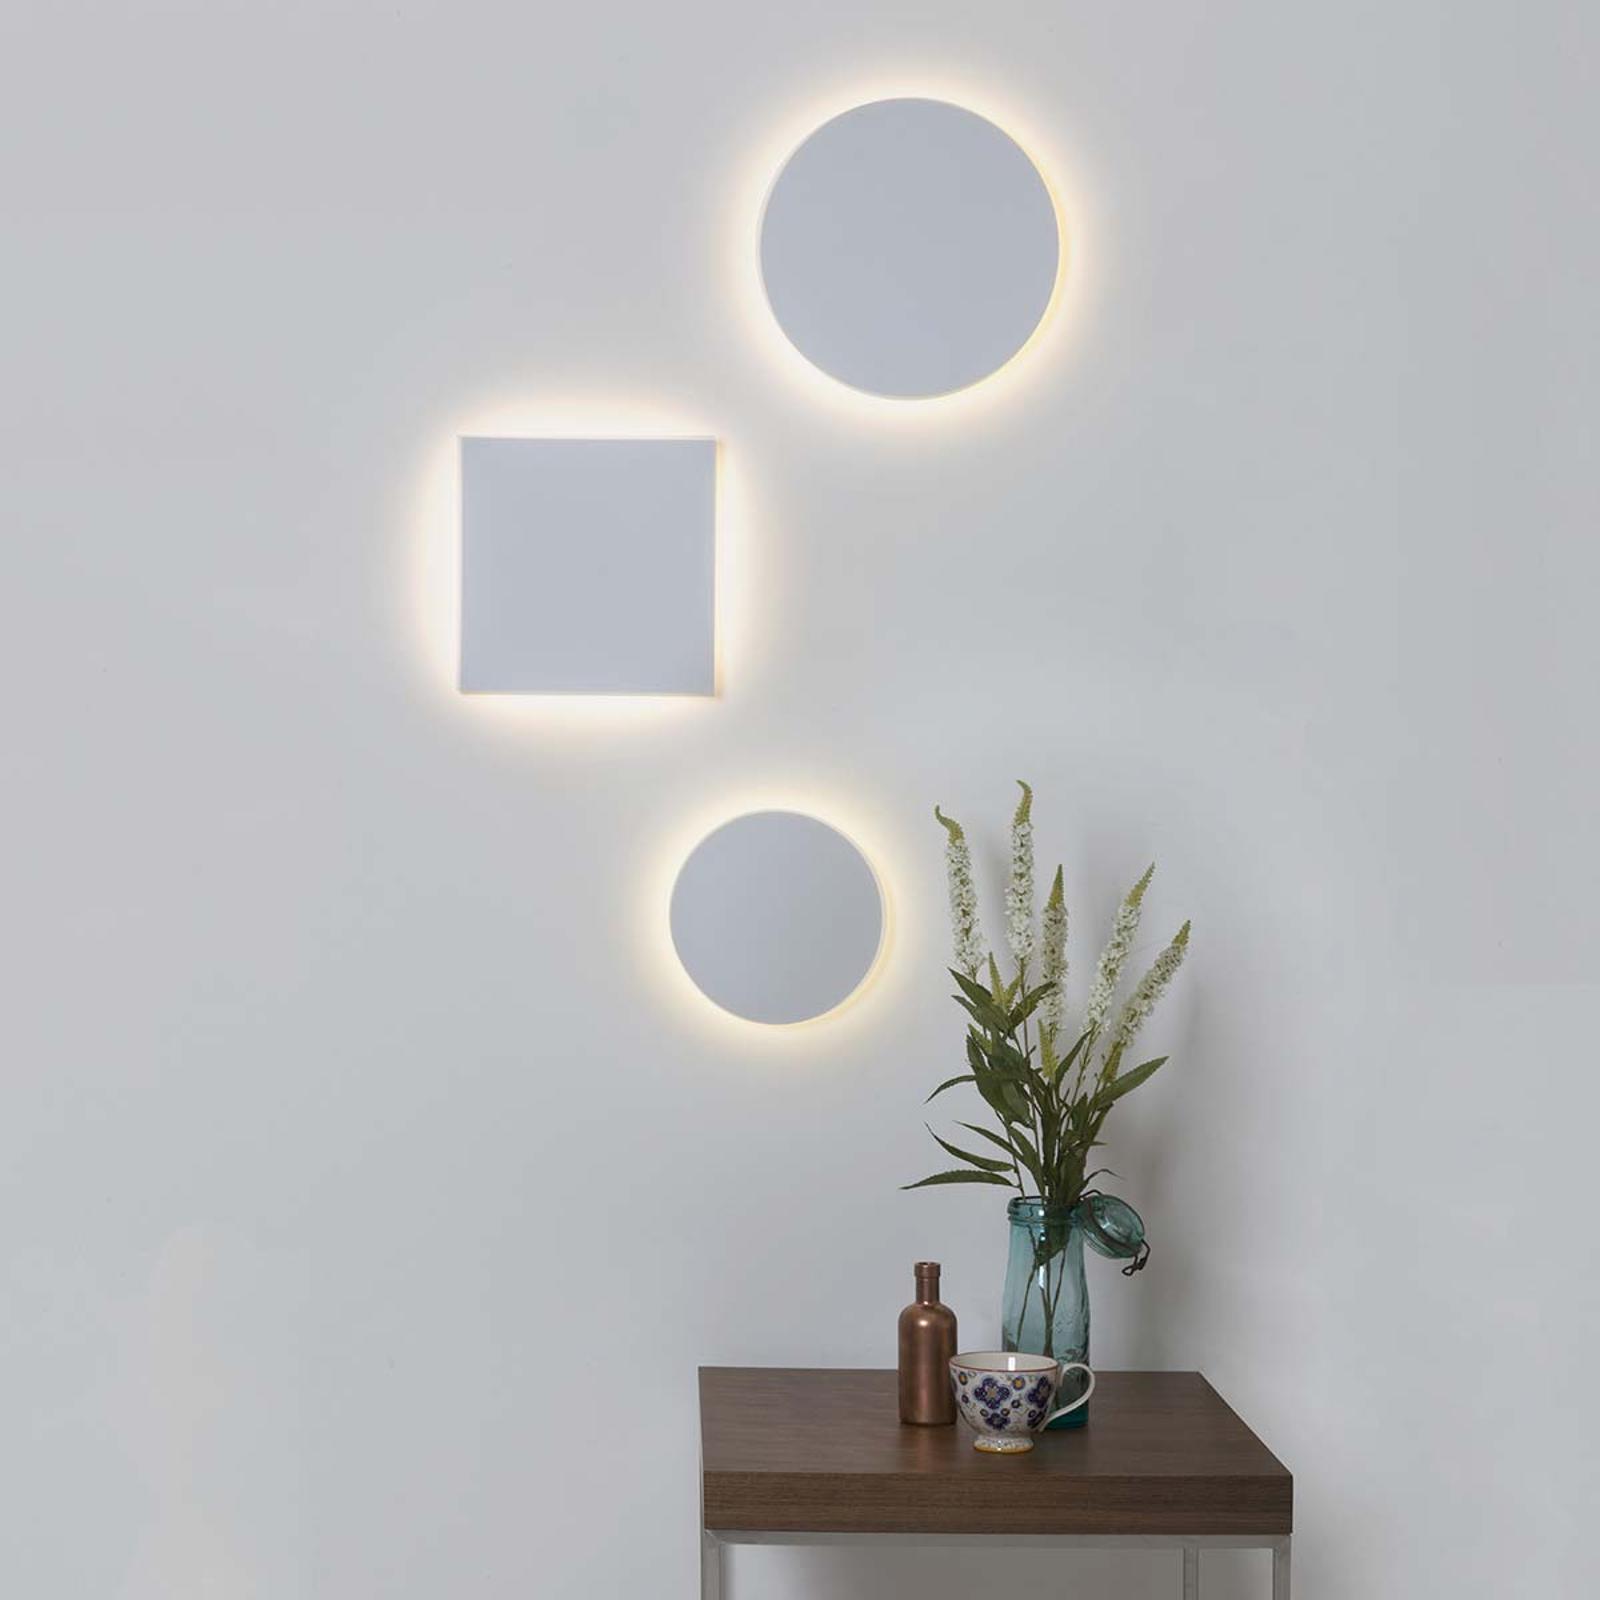 Applique LED Eclipse Round d'effetto